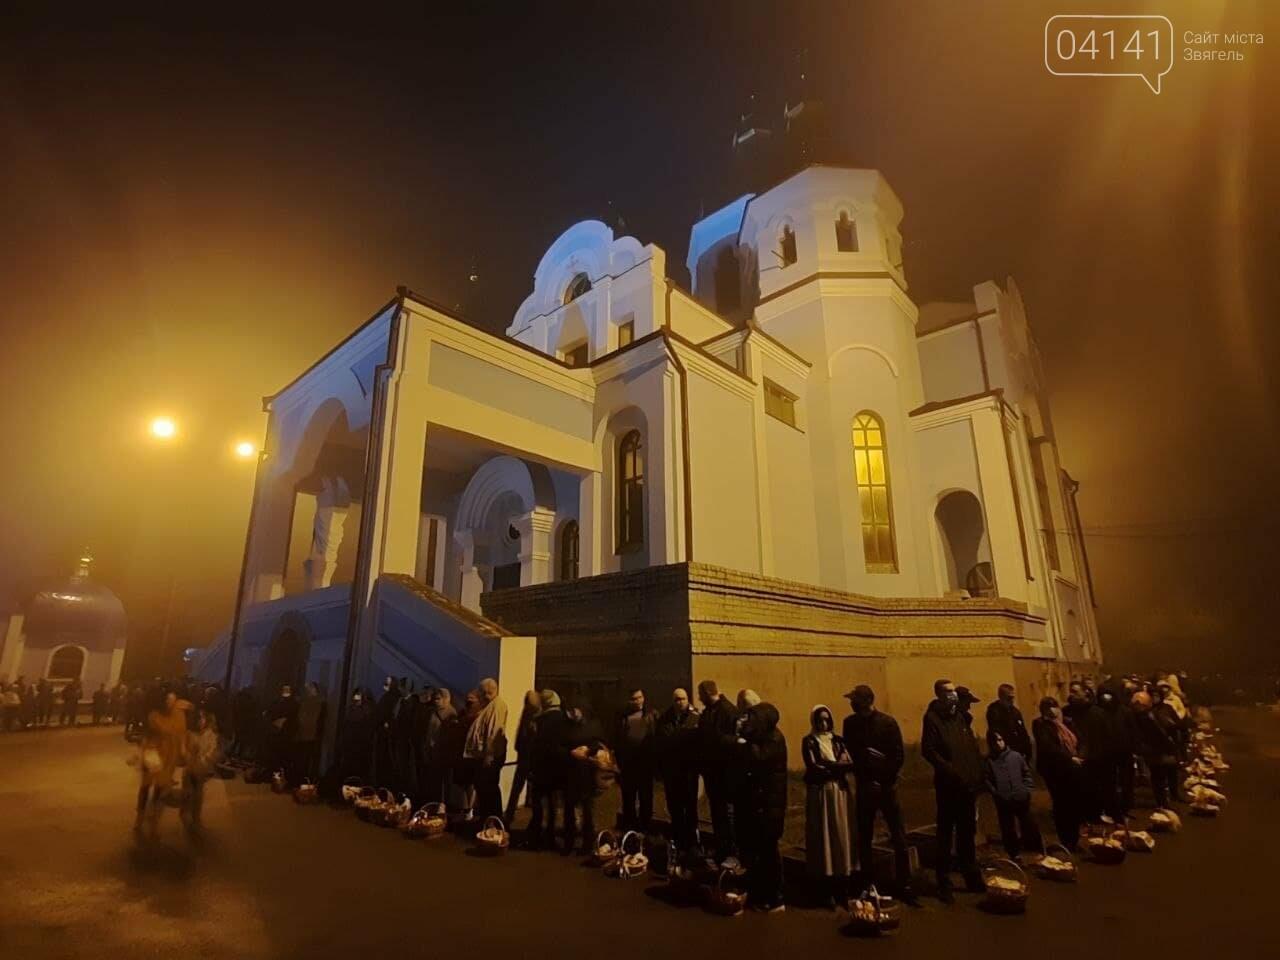 Христос Воскрес! Воістину Воскрес!: Новоград-волинці святкують Великдень-2021, фото-4